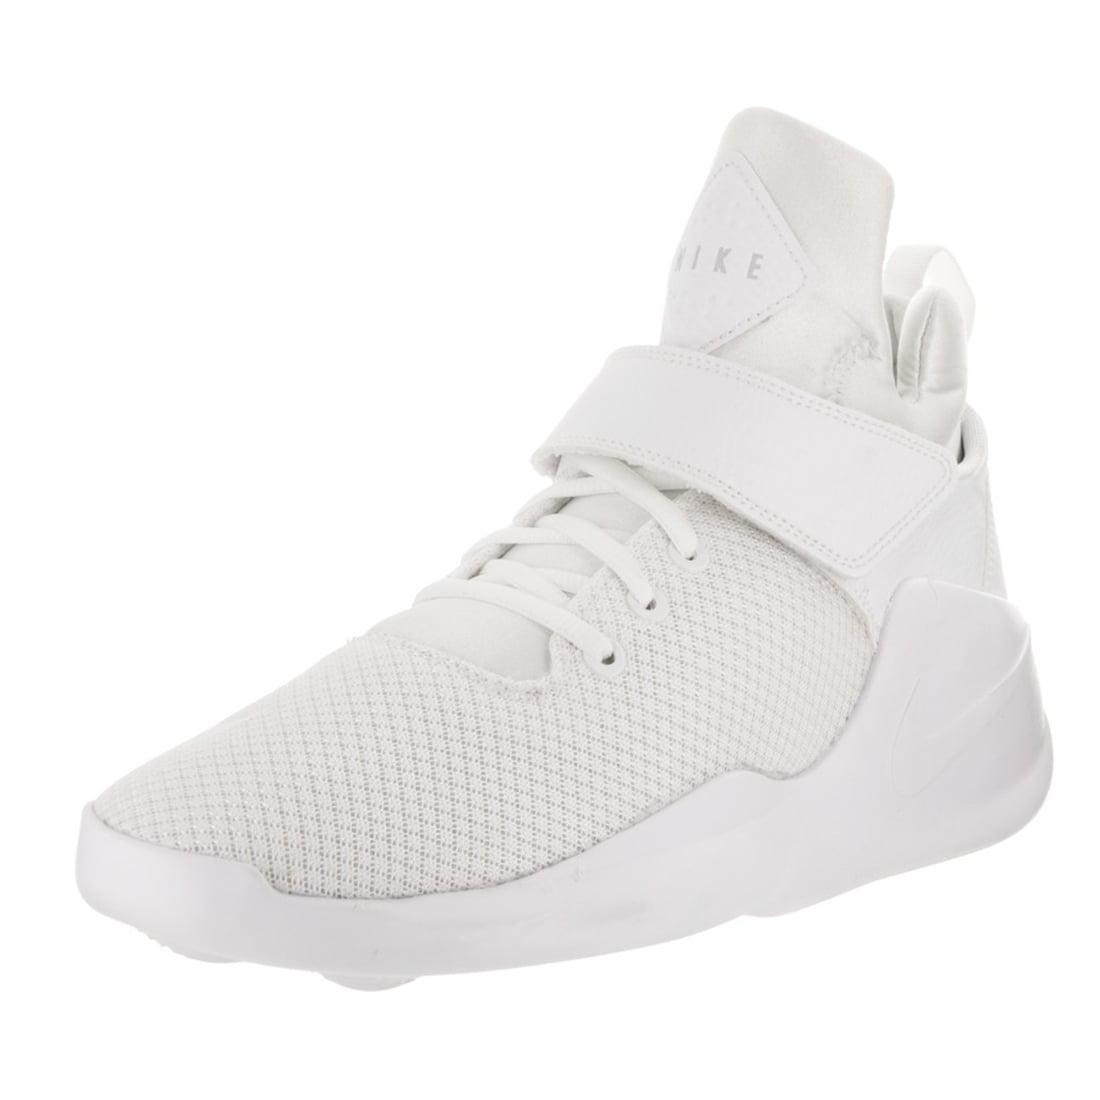 Nike Mens Kwazi Economical, stylish, and eye-catching shoes